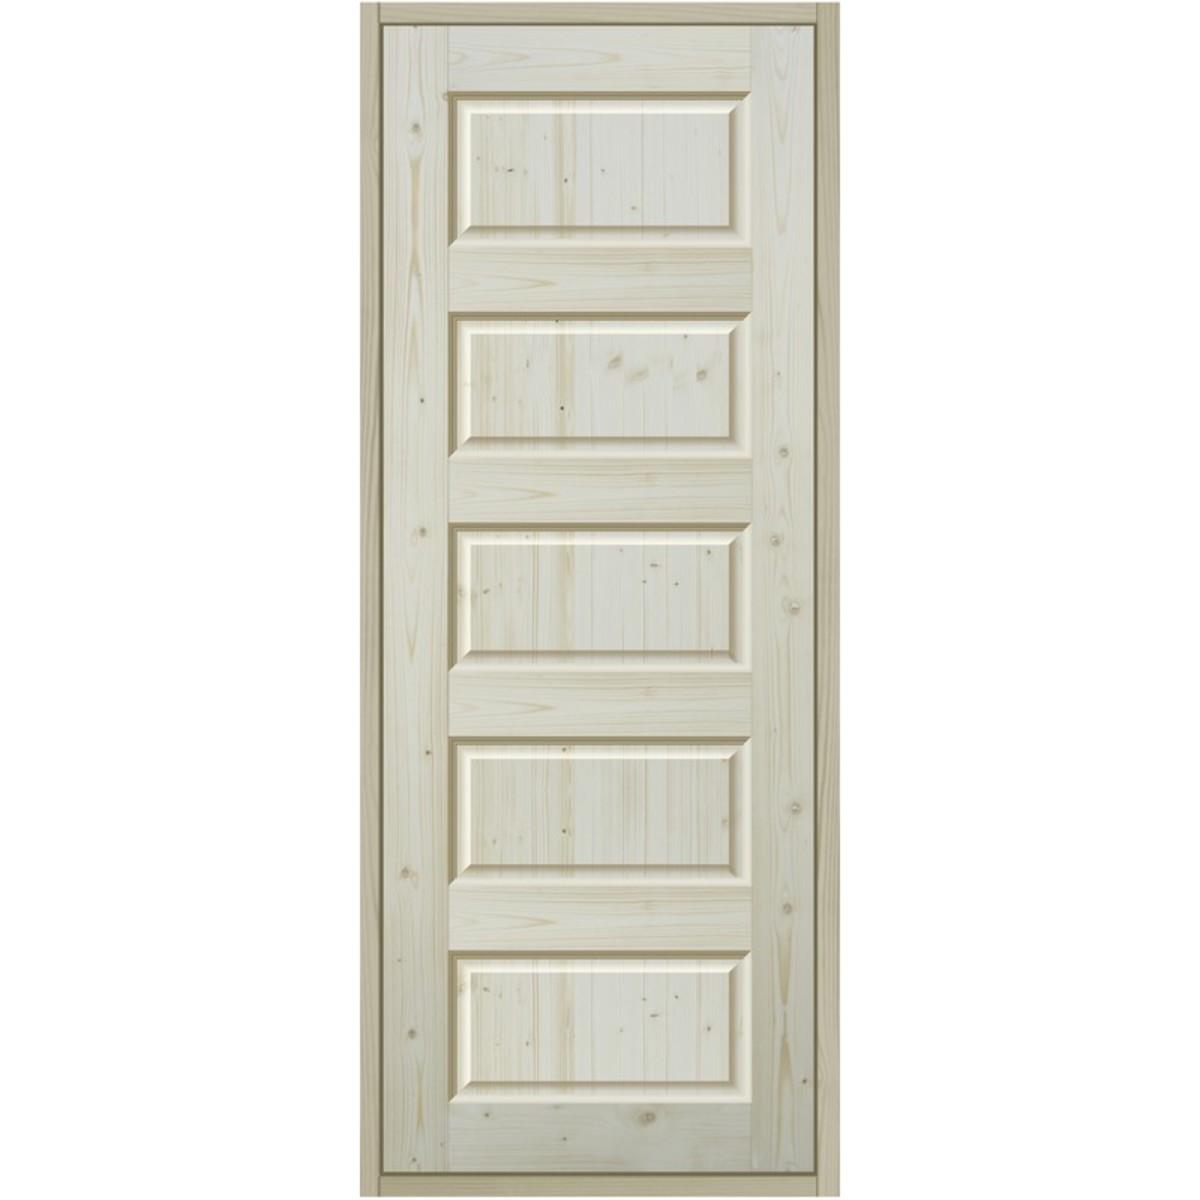 Дверь Межкомнатная 60x200 Пятифиленчатый Массив Хвои Цвет Натуральный